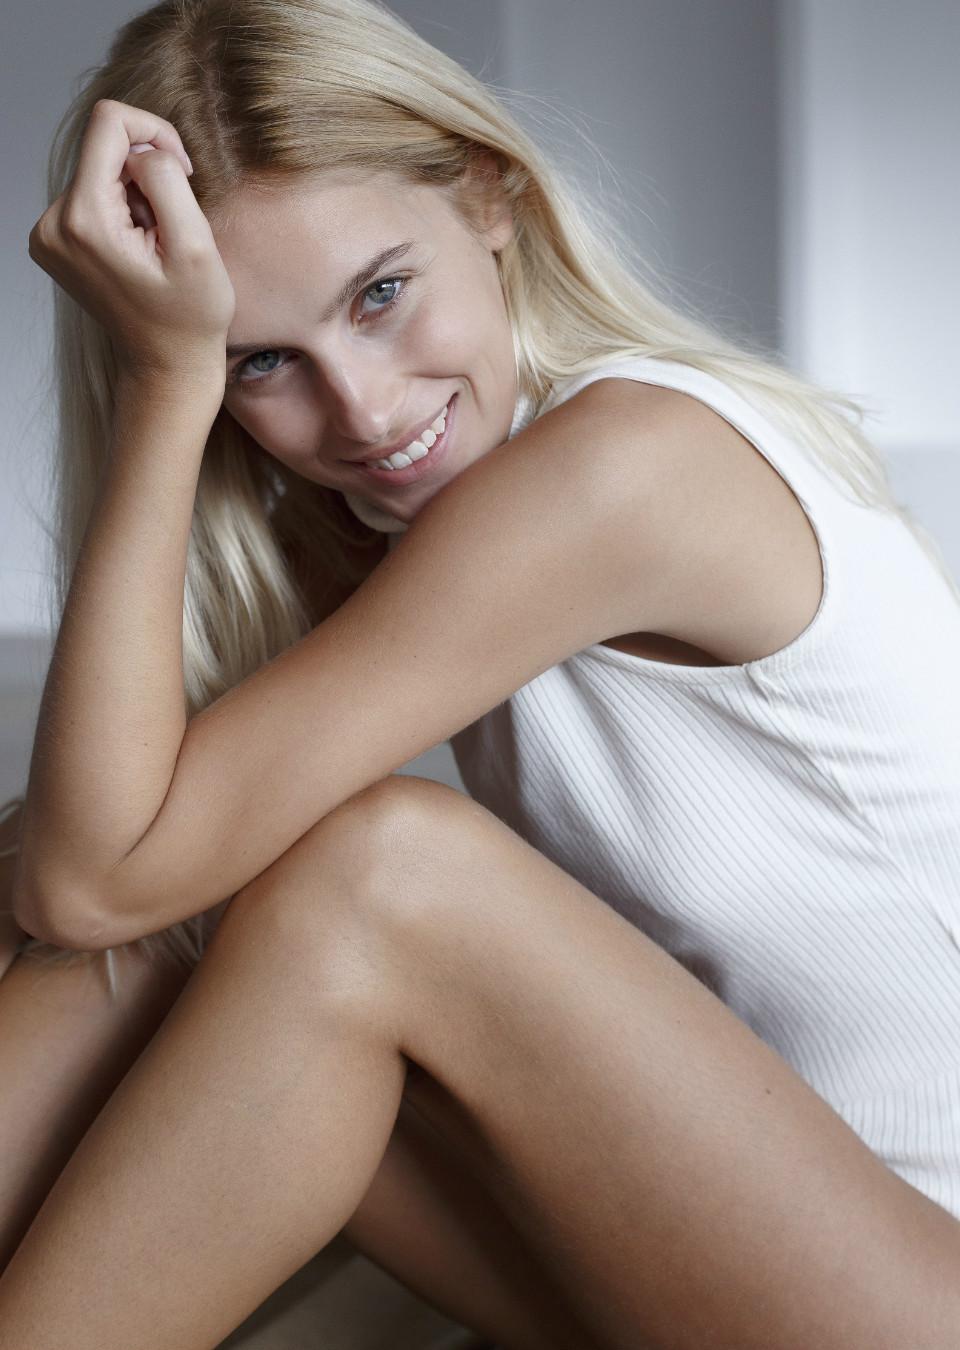 Celebrity Florencia Atencio naked (32 photo), Pussy, Bikini, Instagram, see through 2006